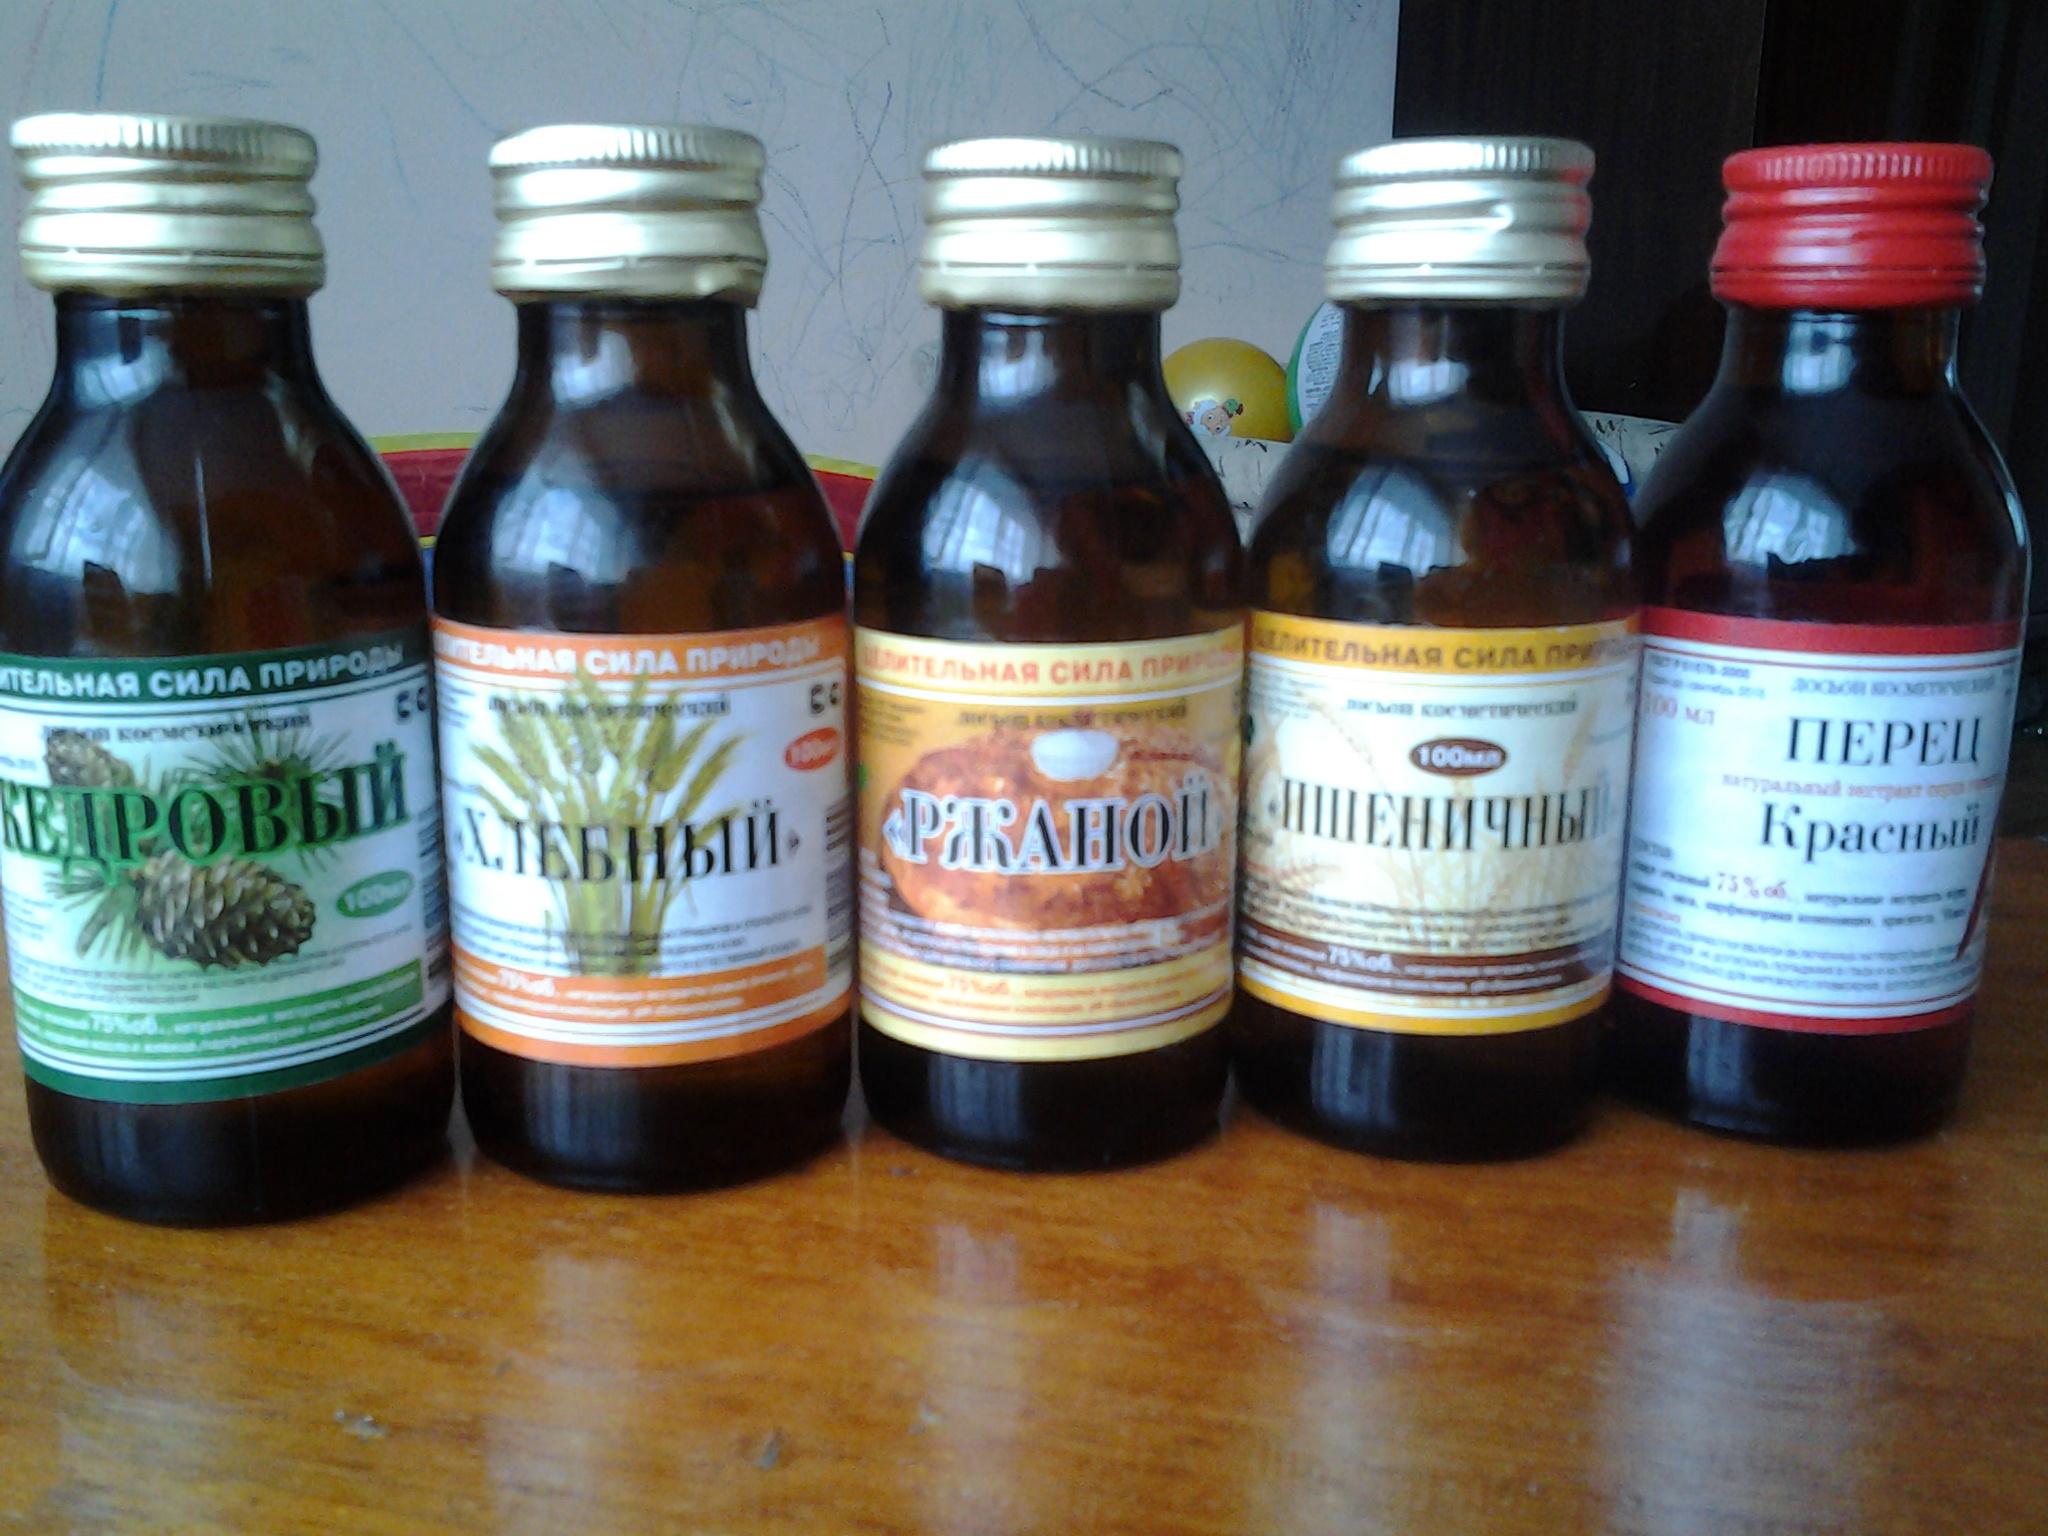 Вологодские депутаты предлагают ограничить продажу спиртосодержащих медицинских настоек